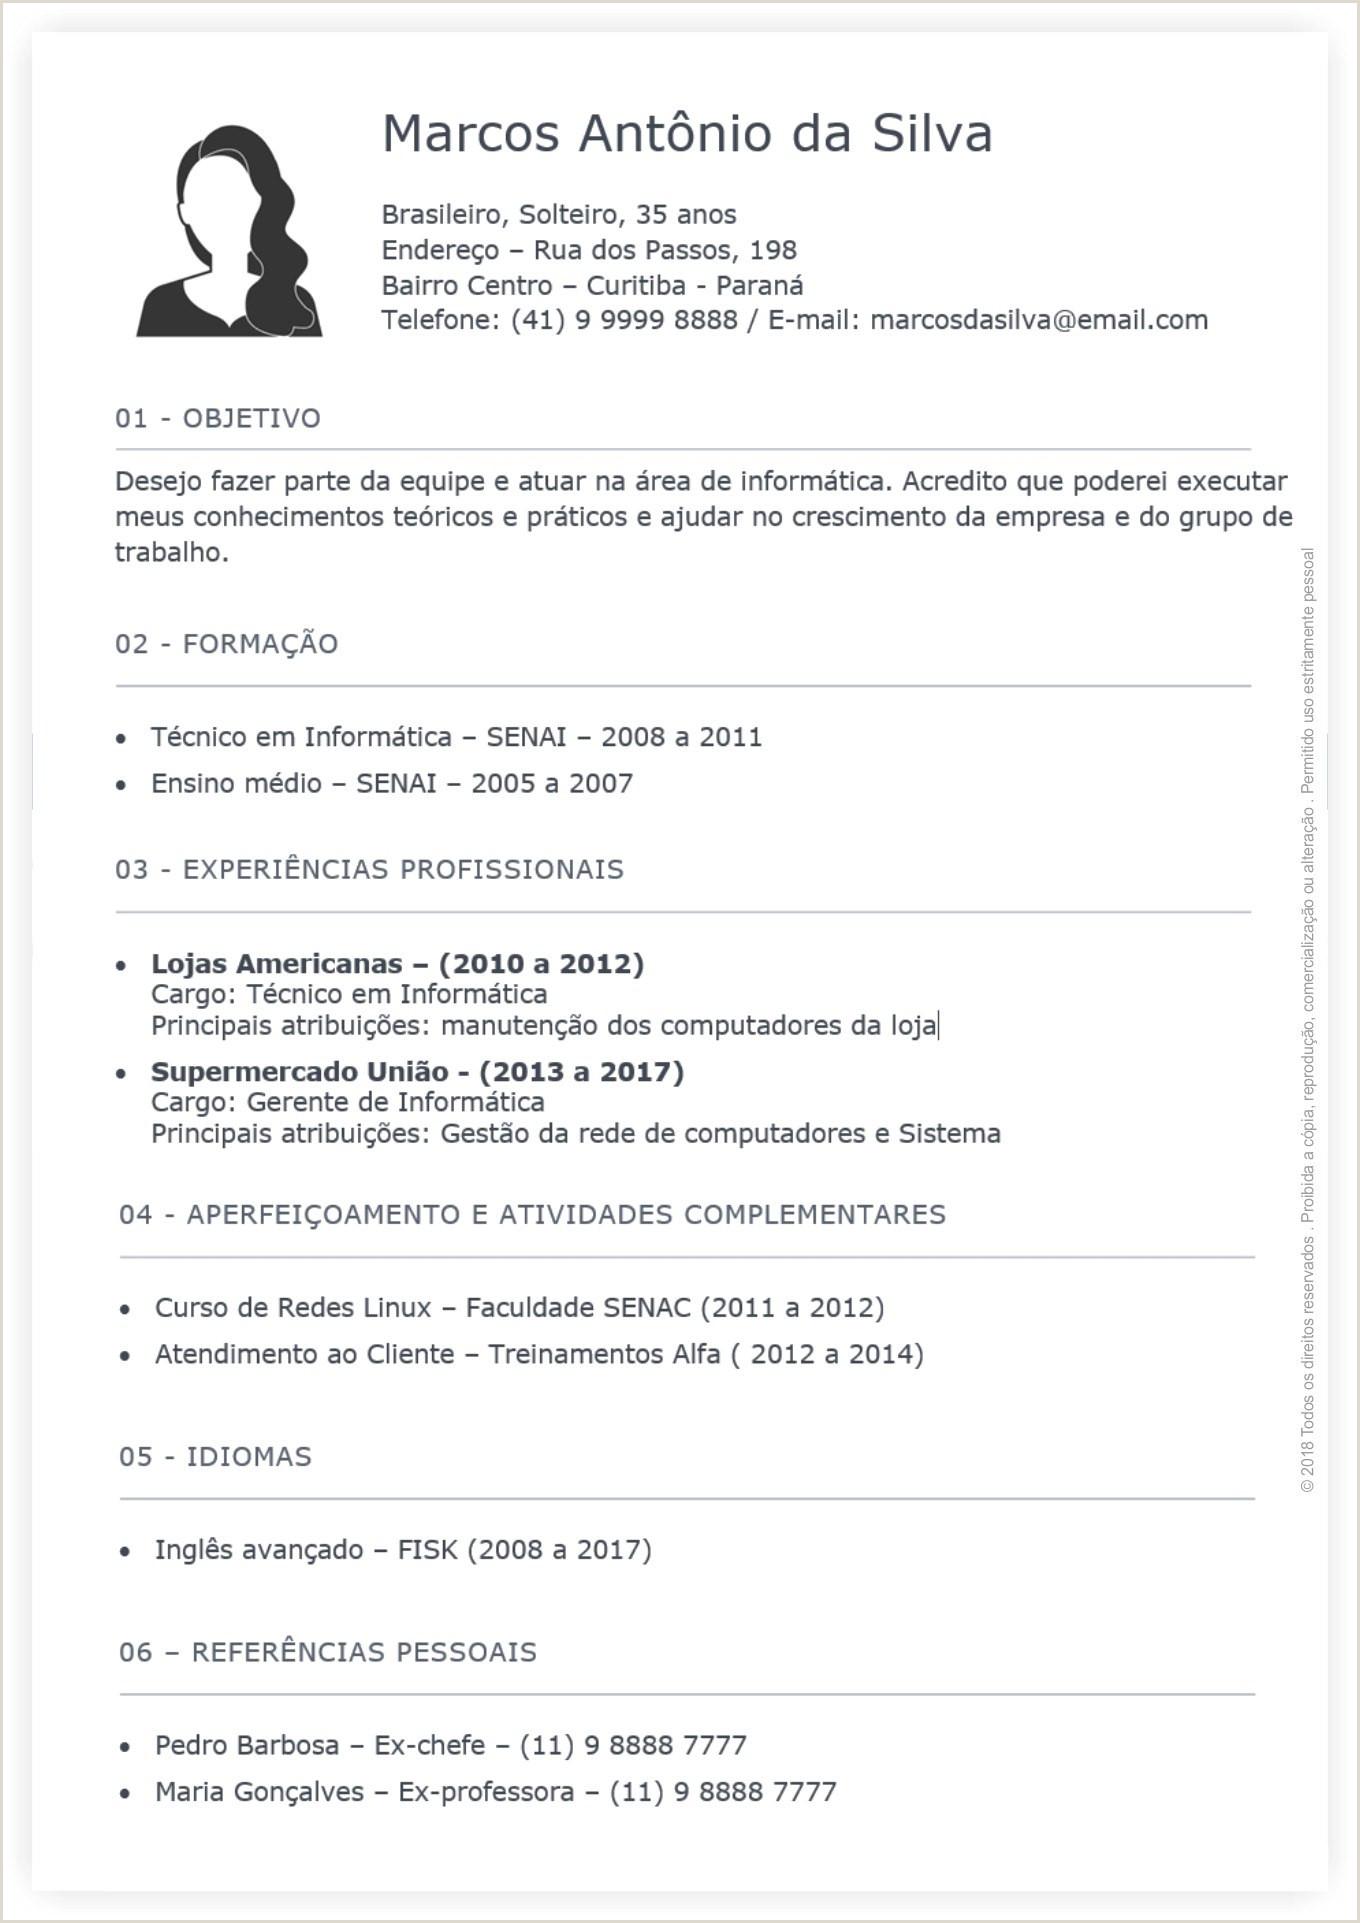 Formas De Curriculum Vitae Gratis Descargar Curriculum Vitae